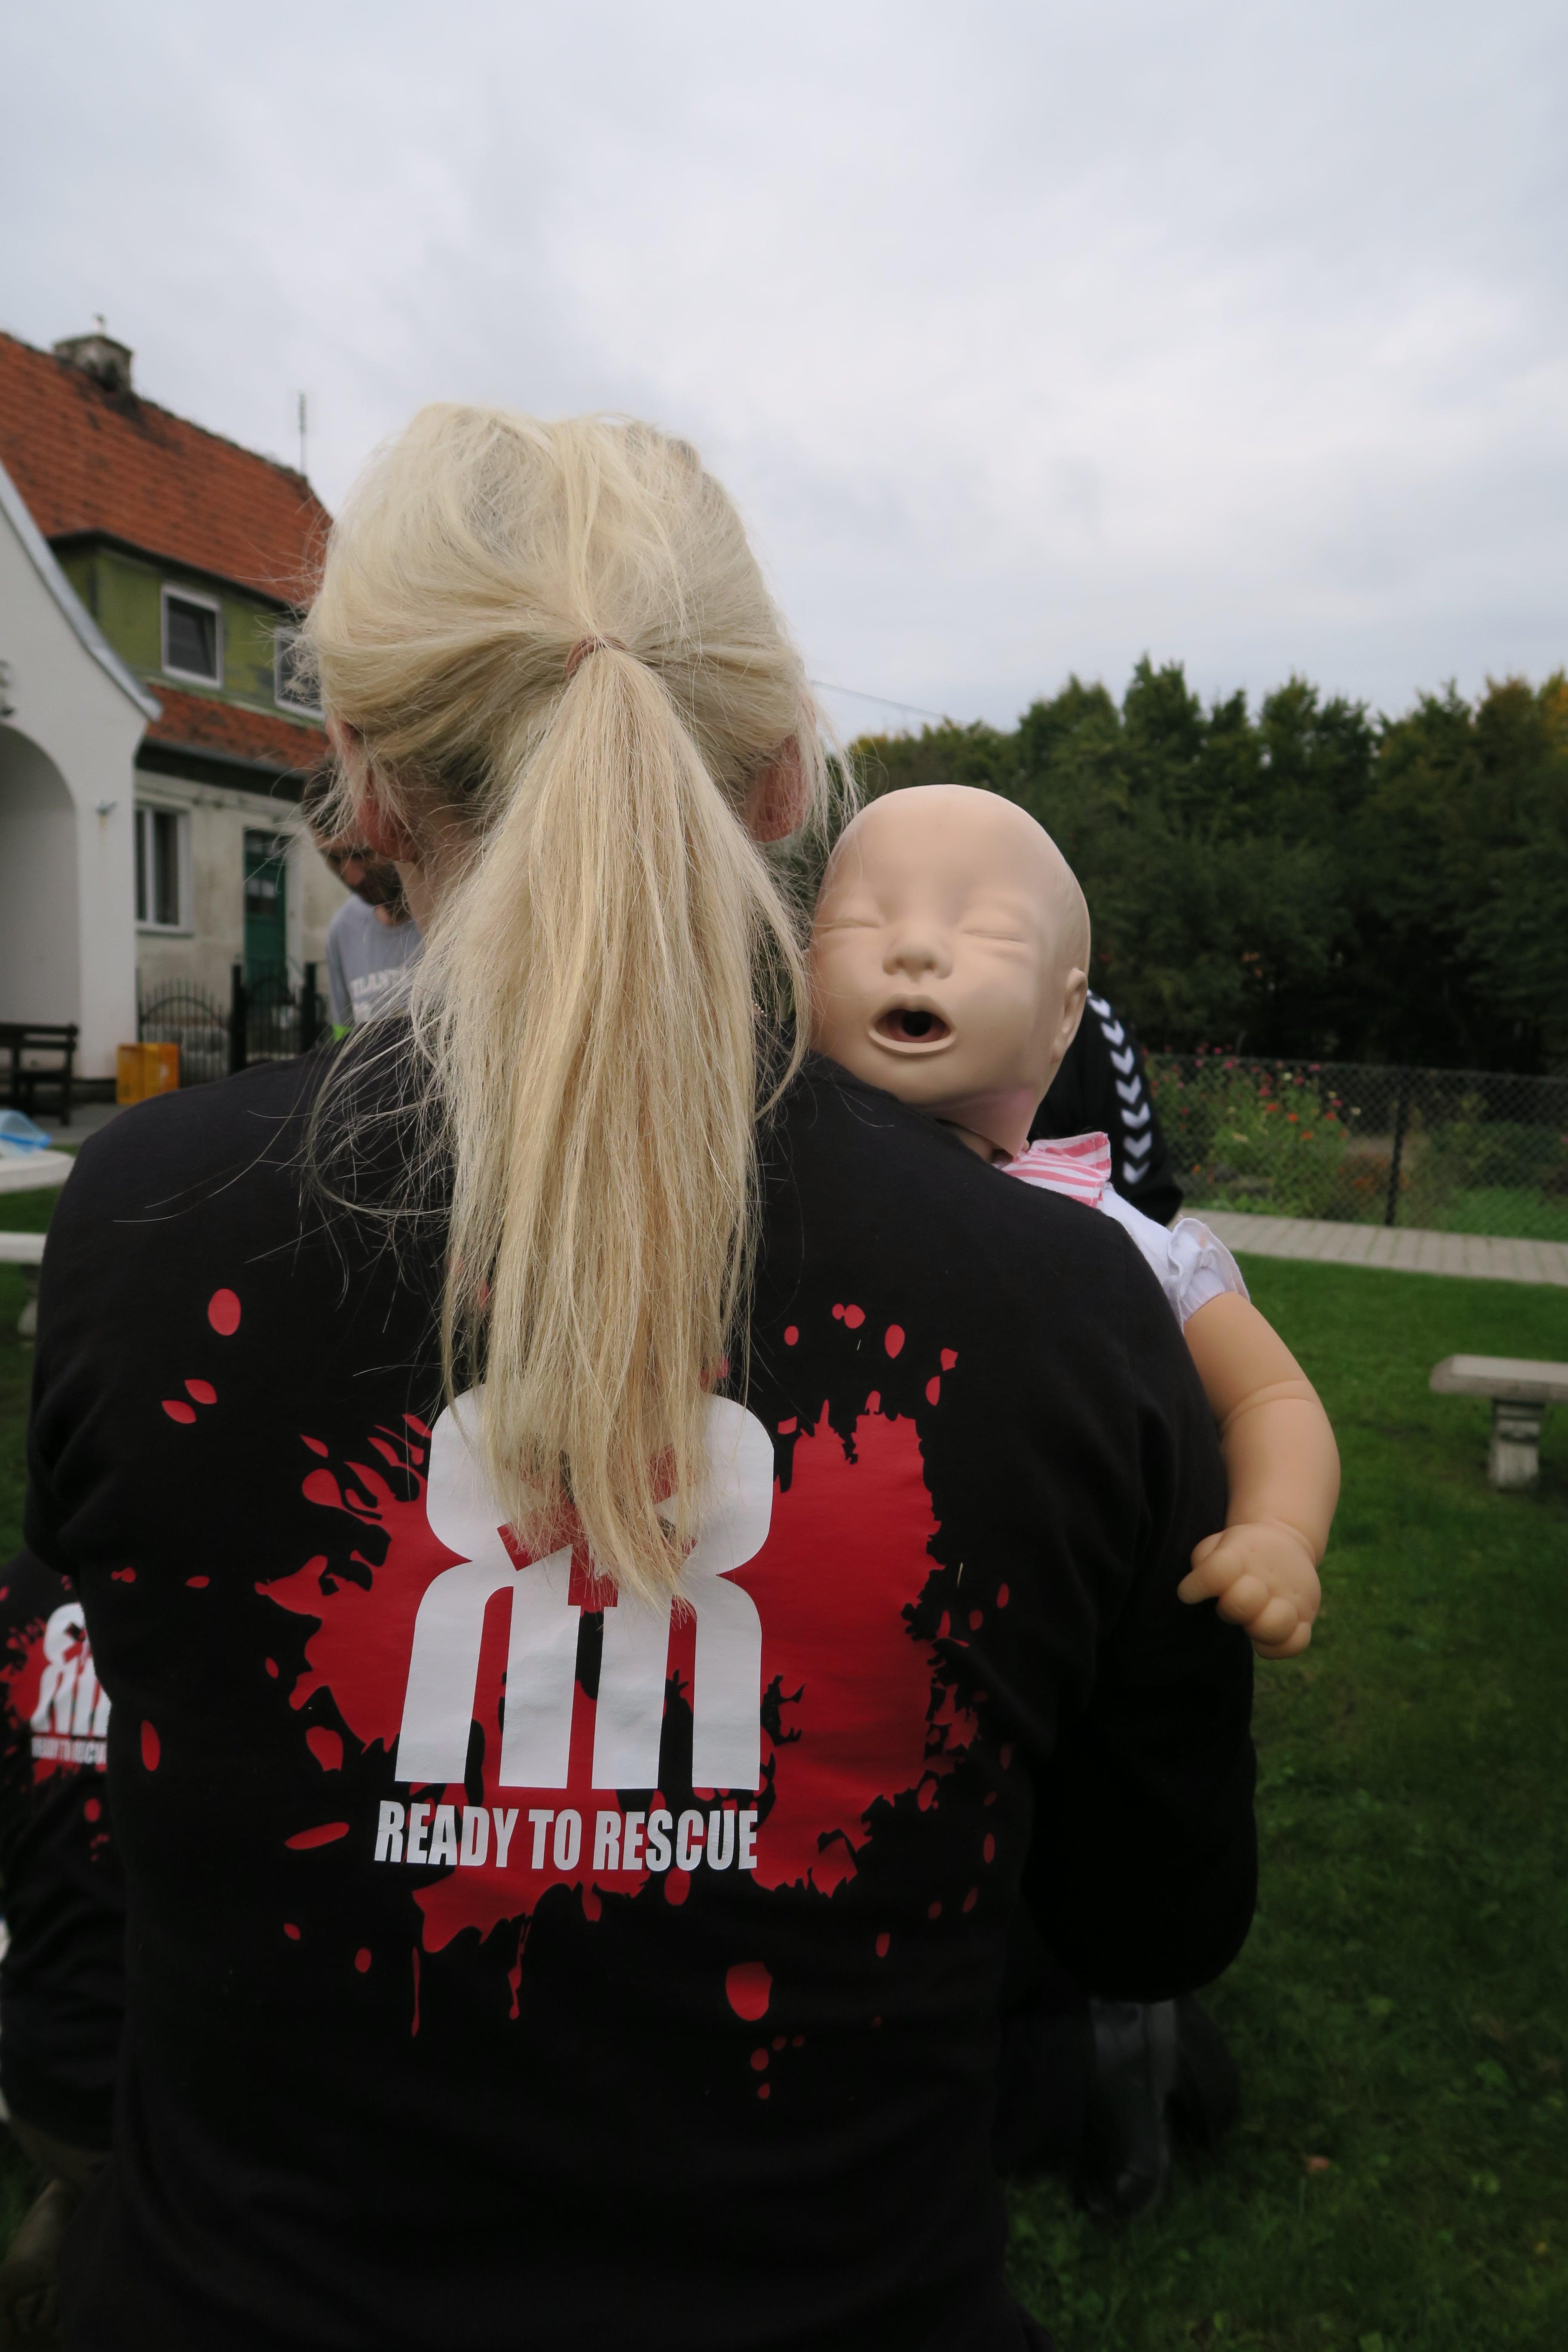 25.pierwsza pomoc małe dziecko, BLS dziecka, matka pomaga dziecku